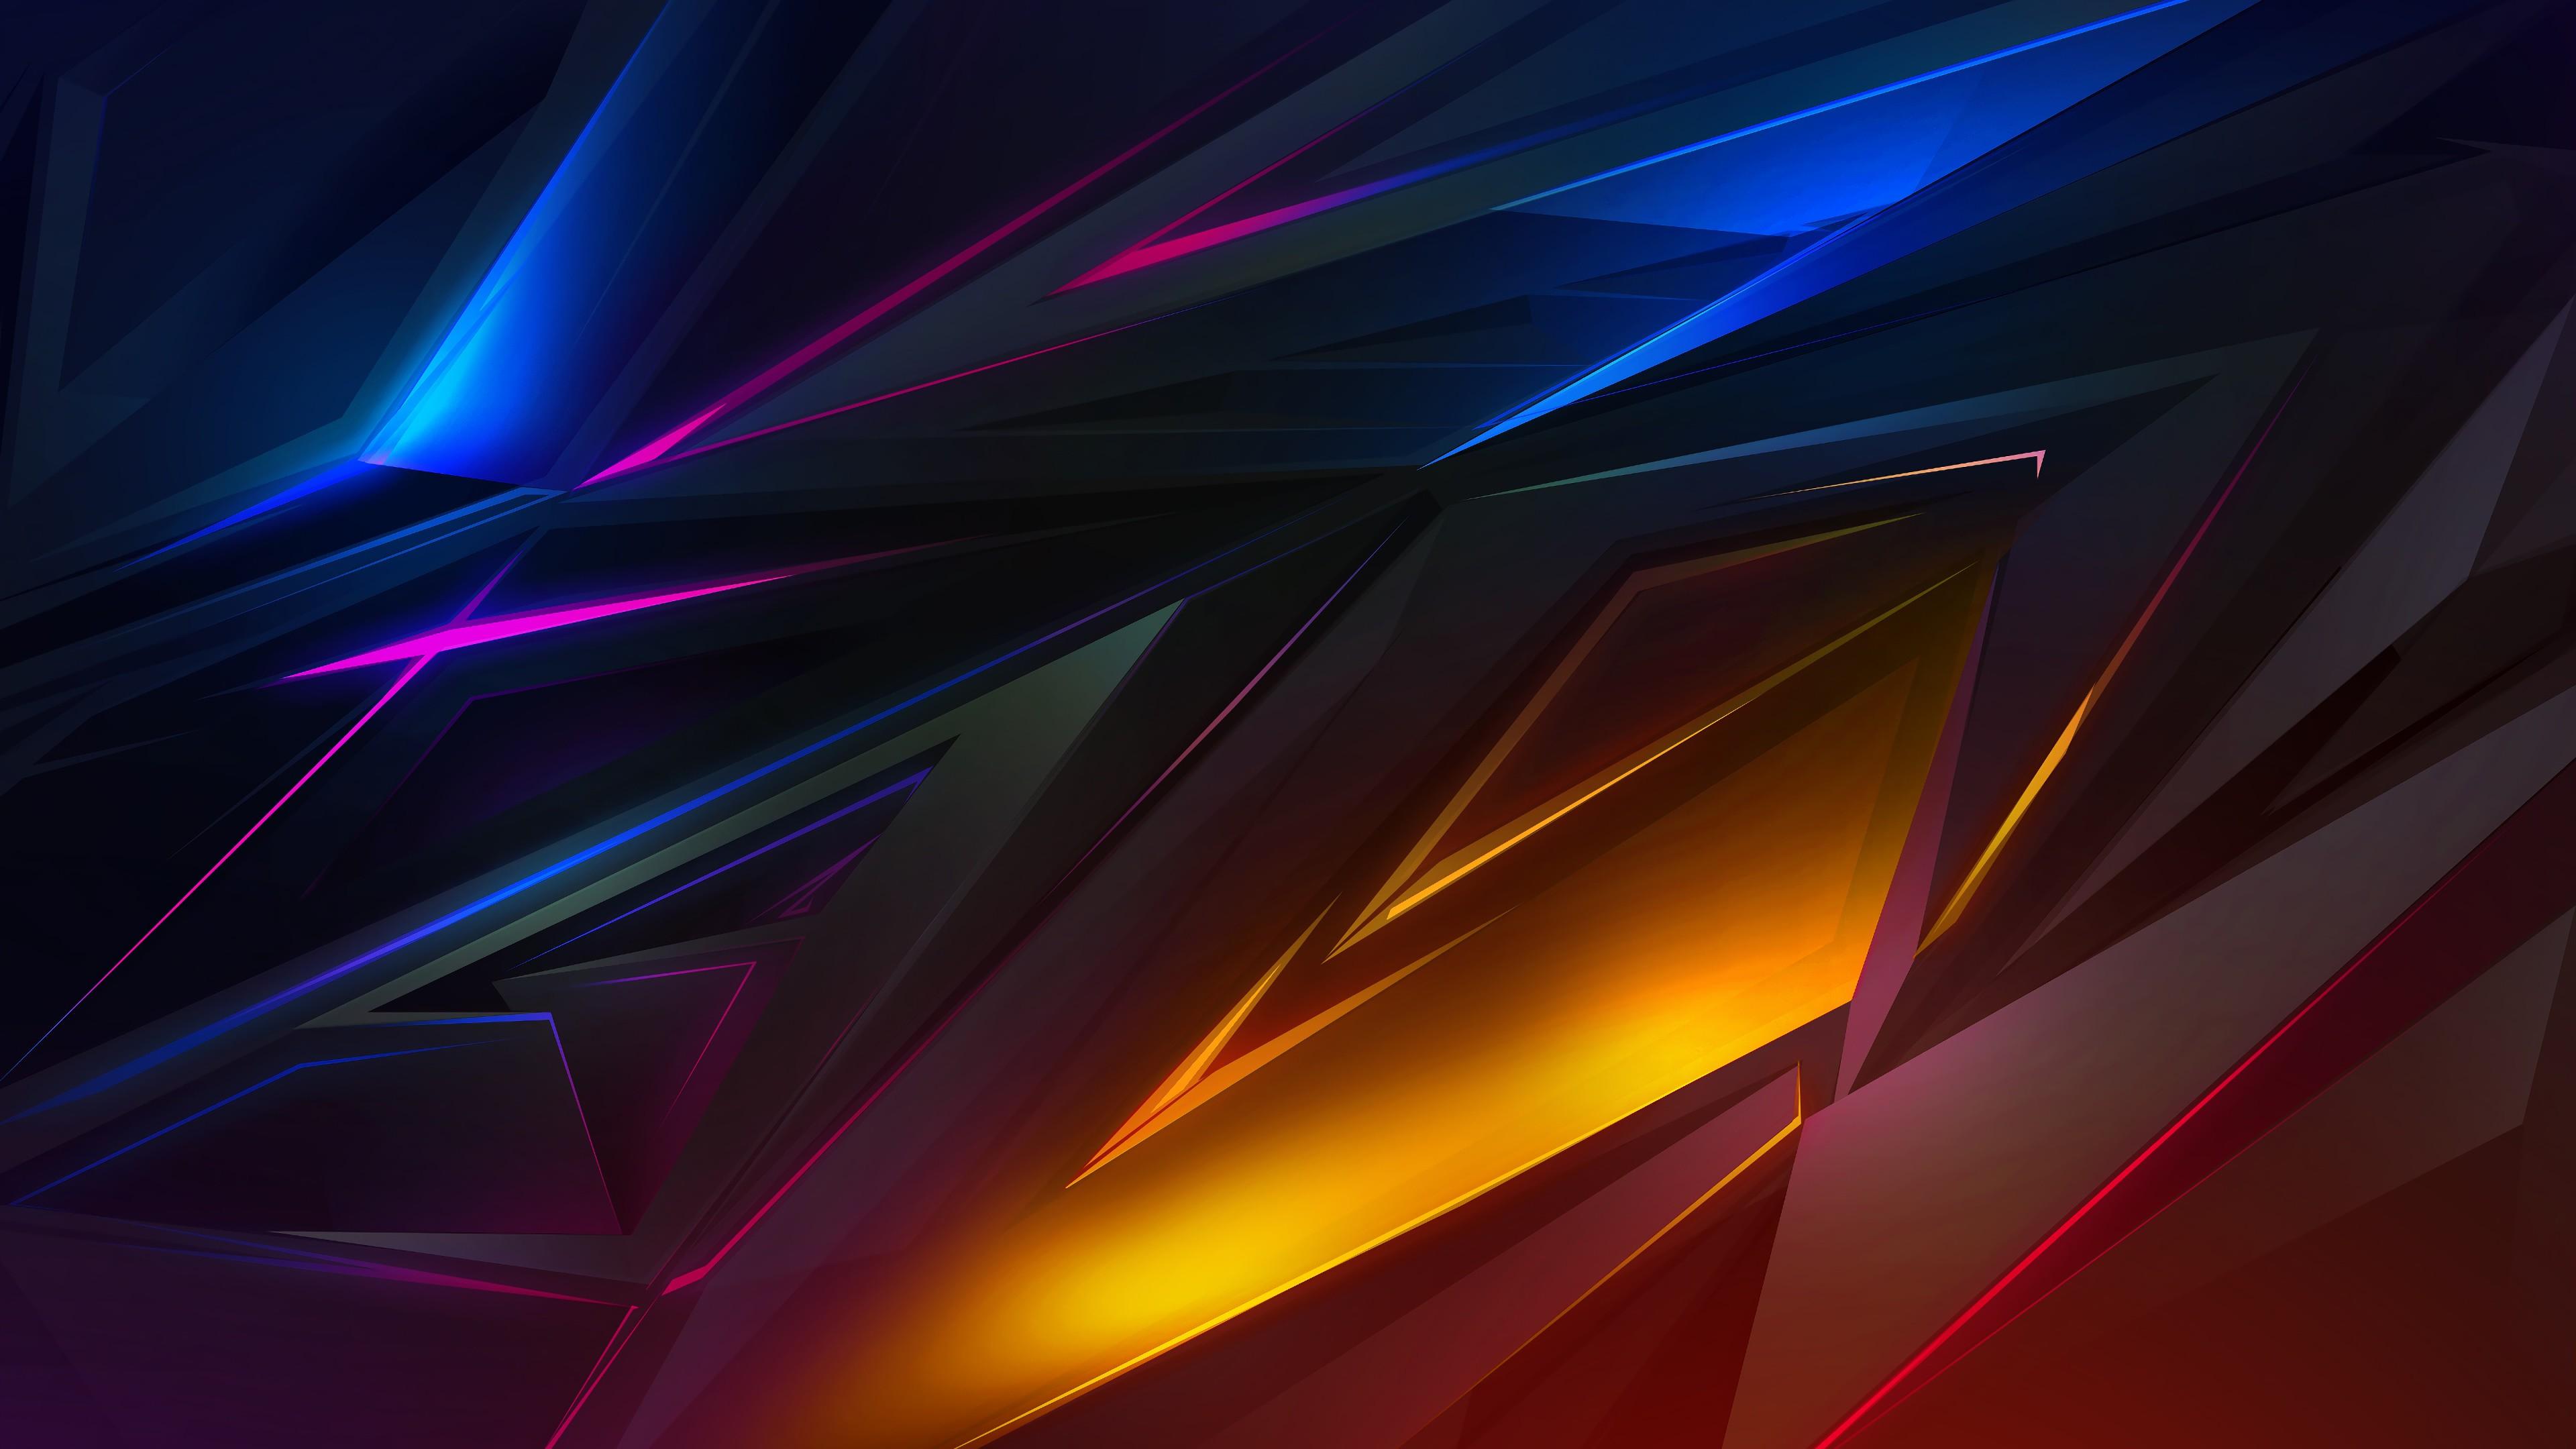 Dark Abstract Wallpaper 4k - HD Wallpaper